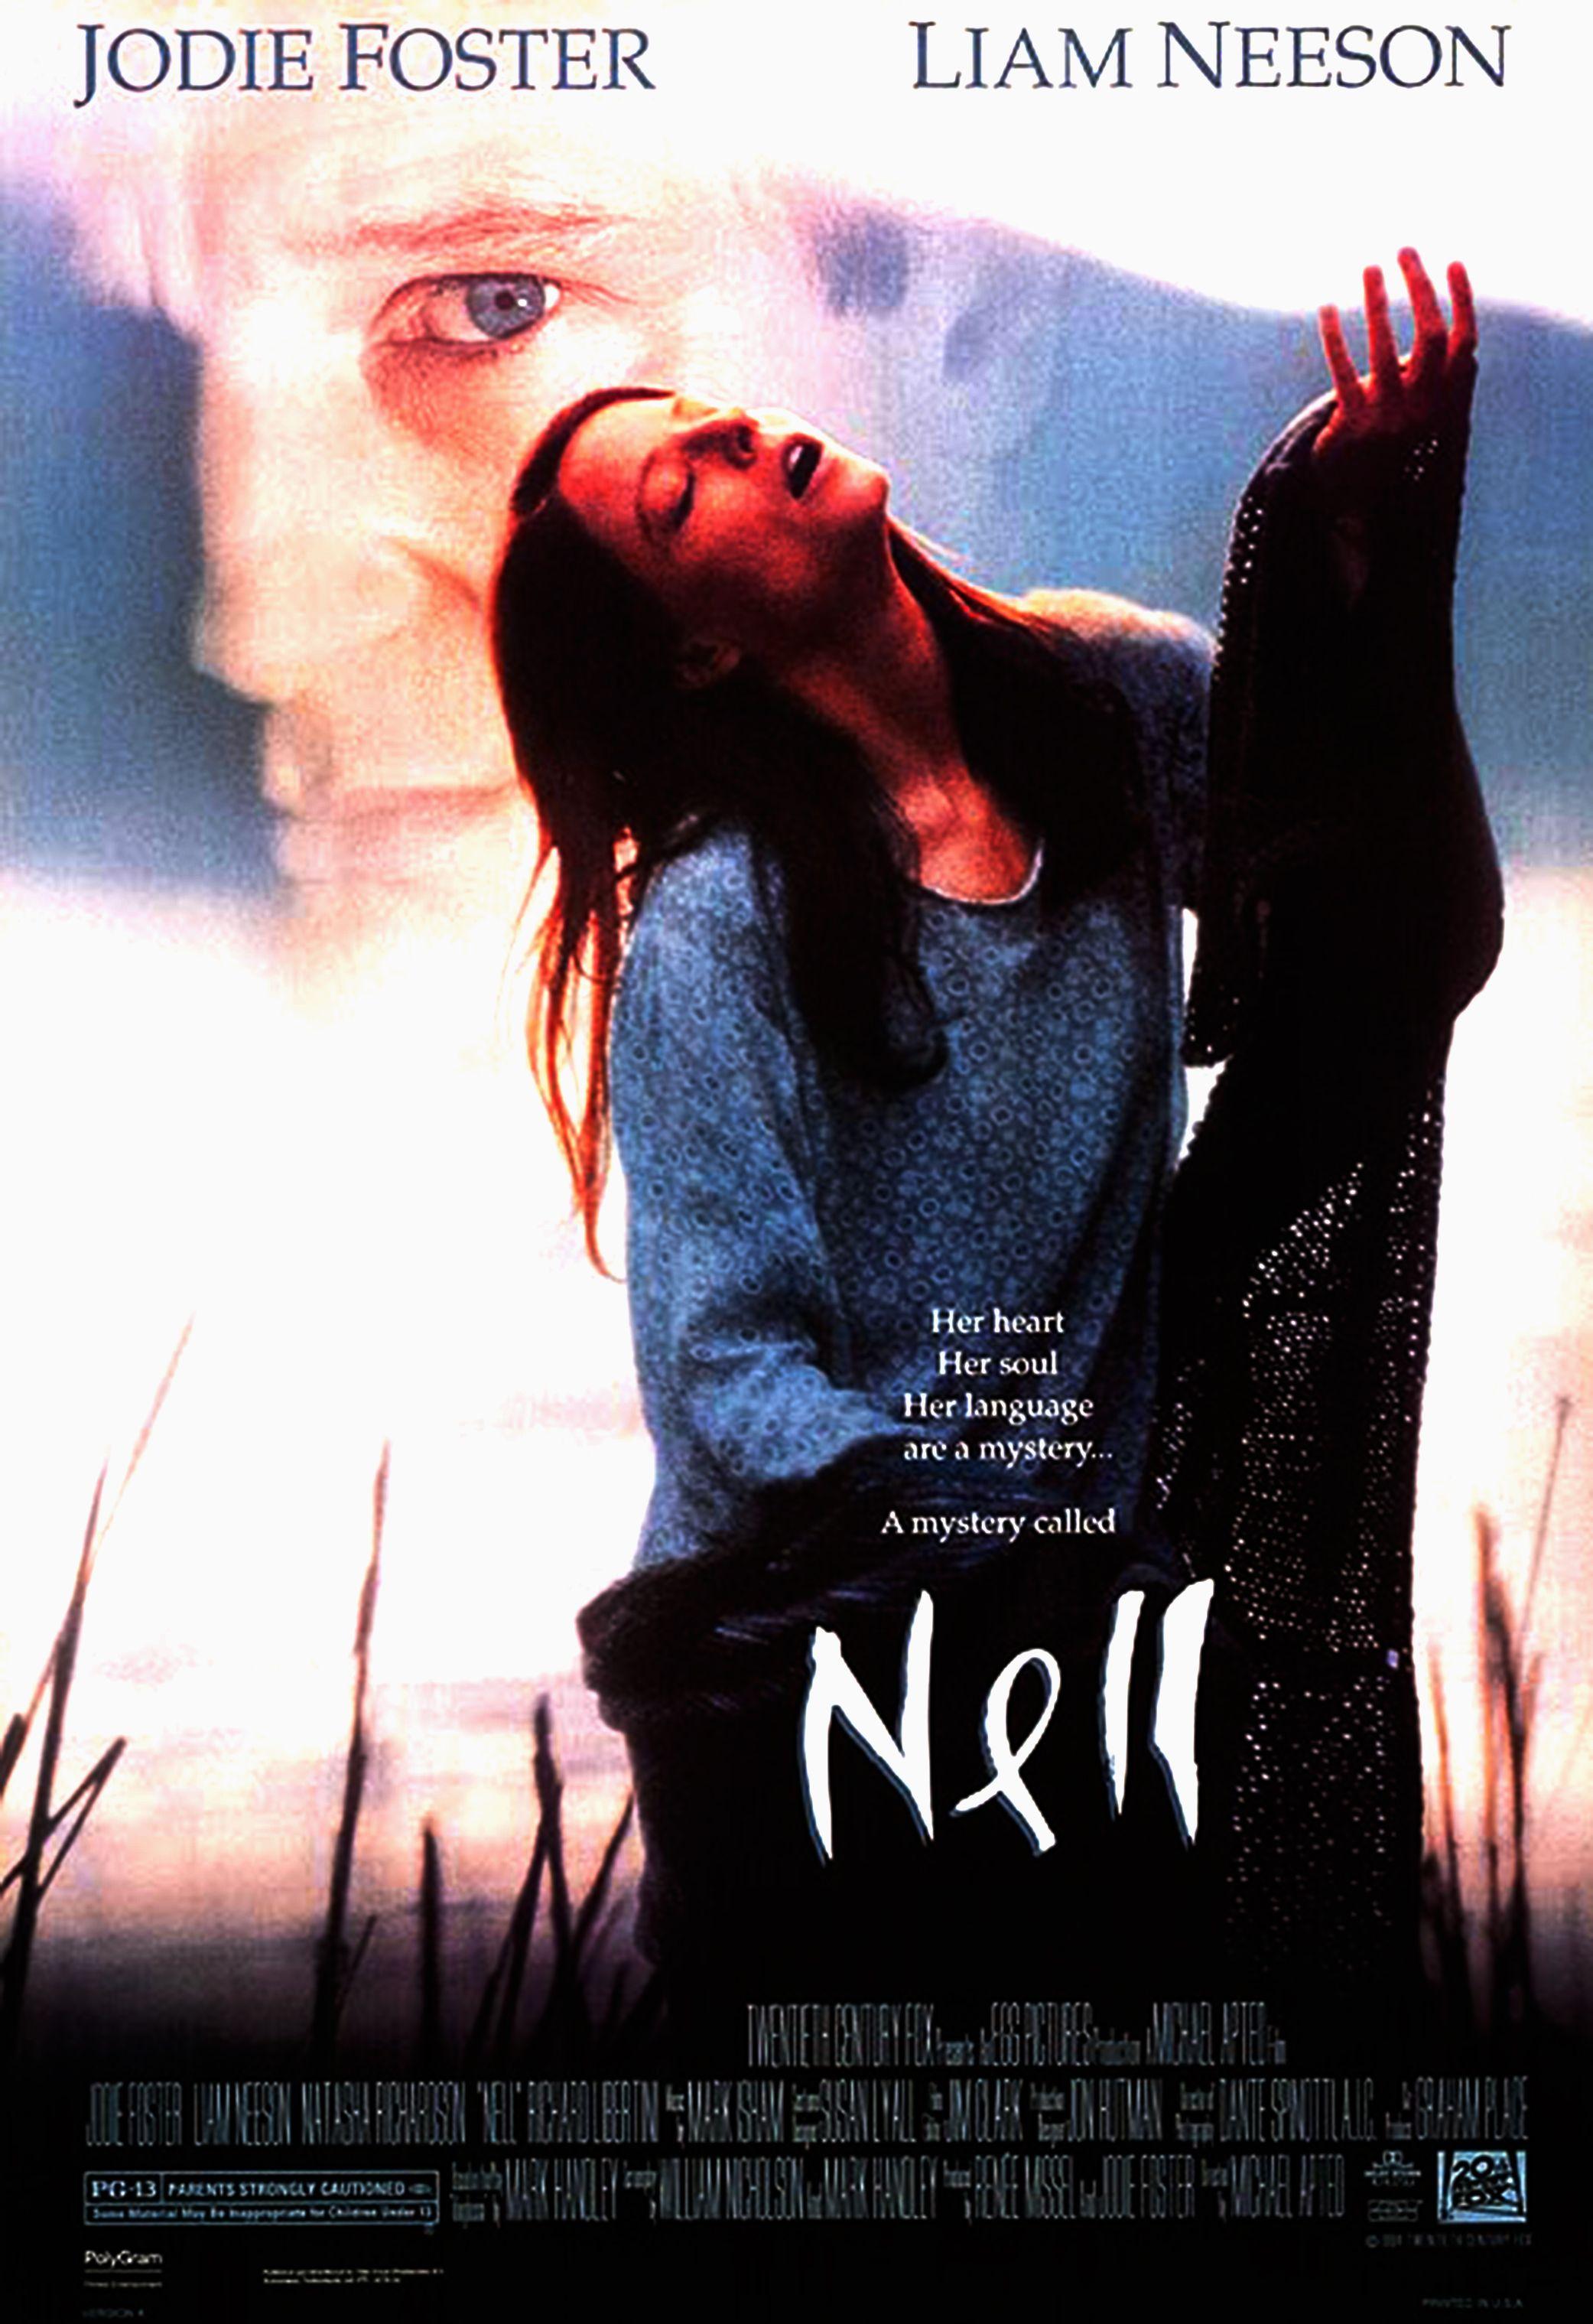 Poster Do Filme Nell 1994 Estrelado Por Jodiefoster E Liamneeson Posteres De Filmes Cartazes De Filmes Liam Neeson